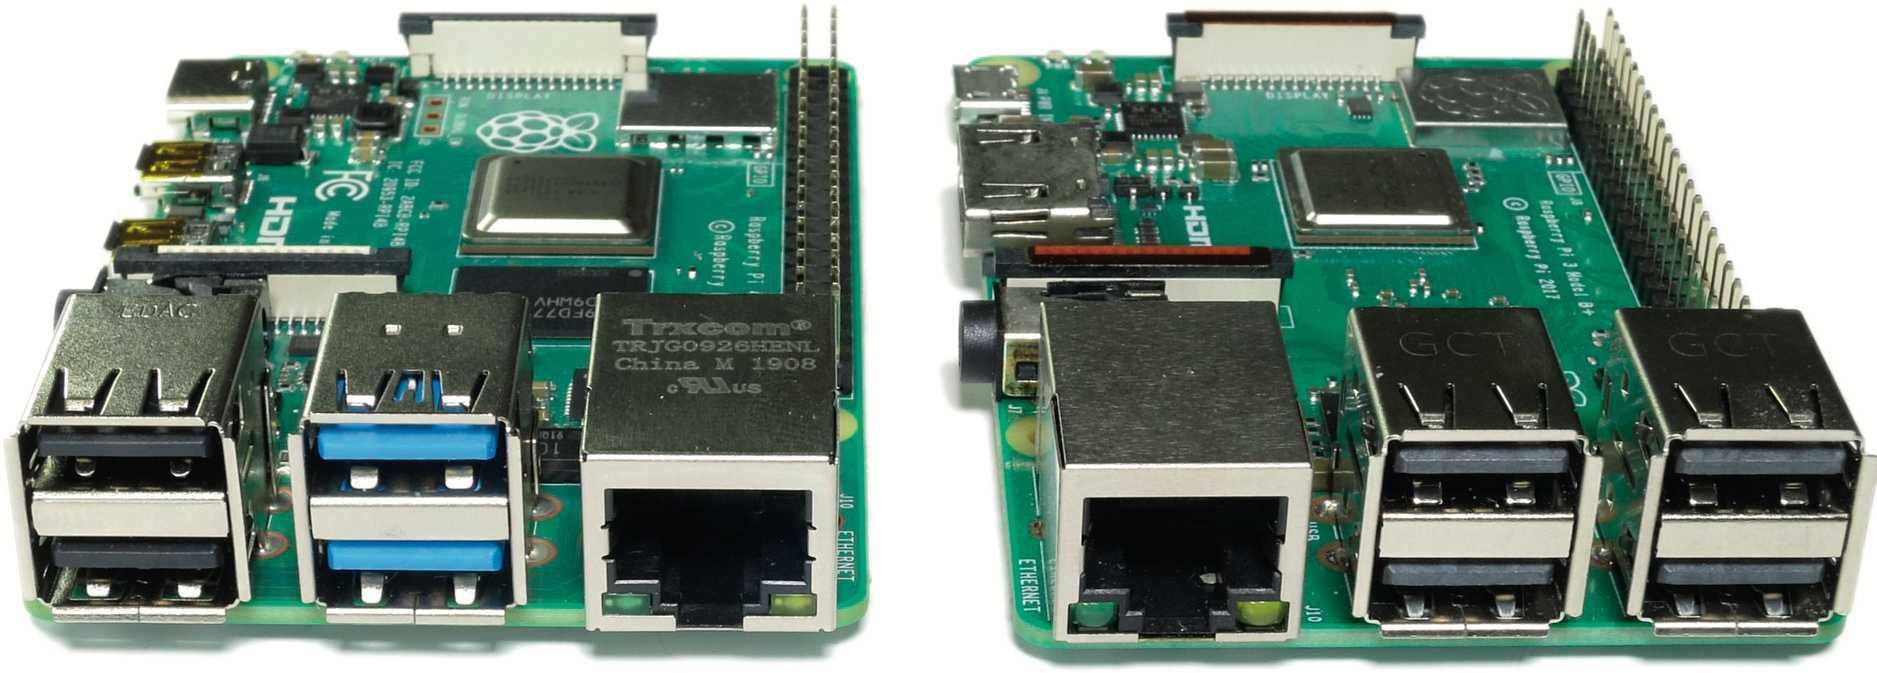 Im Vergleich zum Raspberry Pi 3 Model B+ (rechts) fallen die blauen USB-3.0-Buchsen und die neue Position des Ethernet-Ports auf.